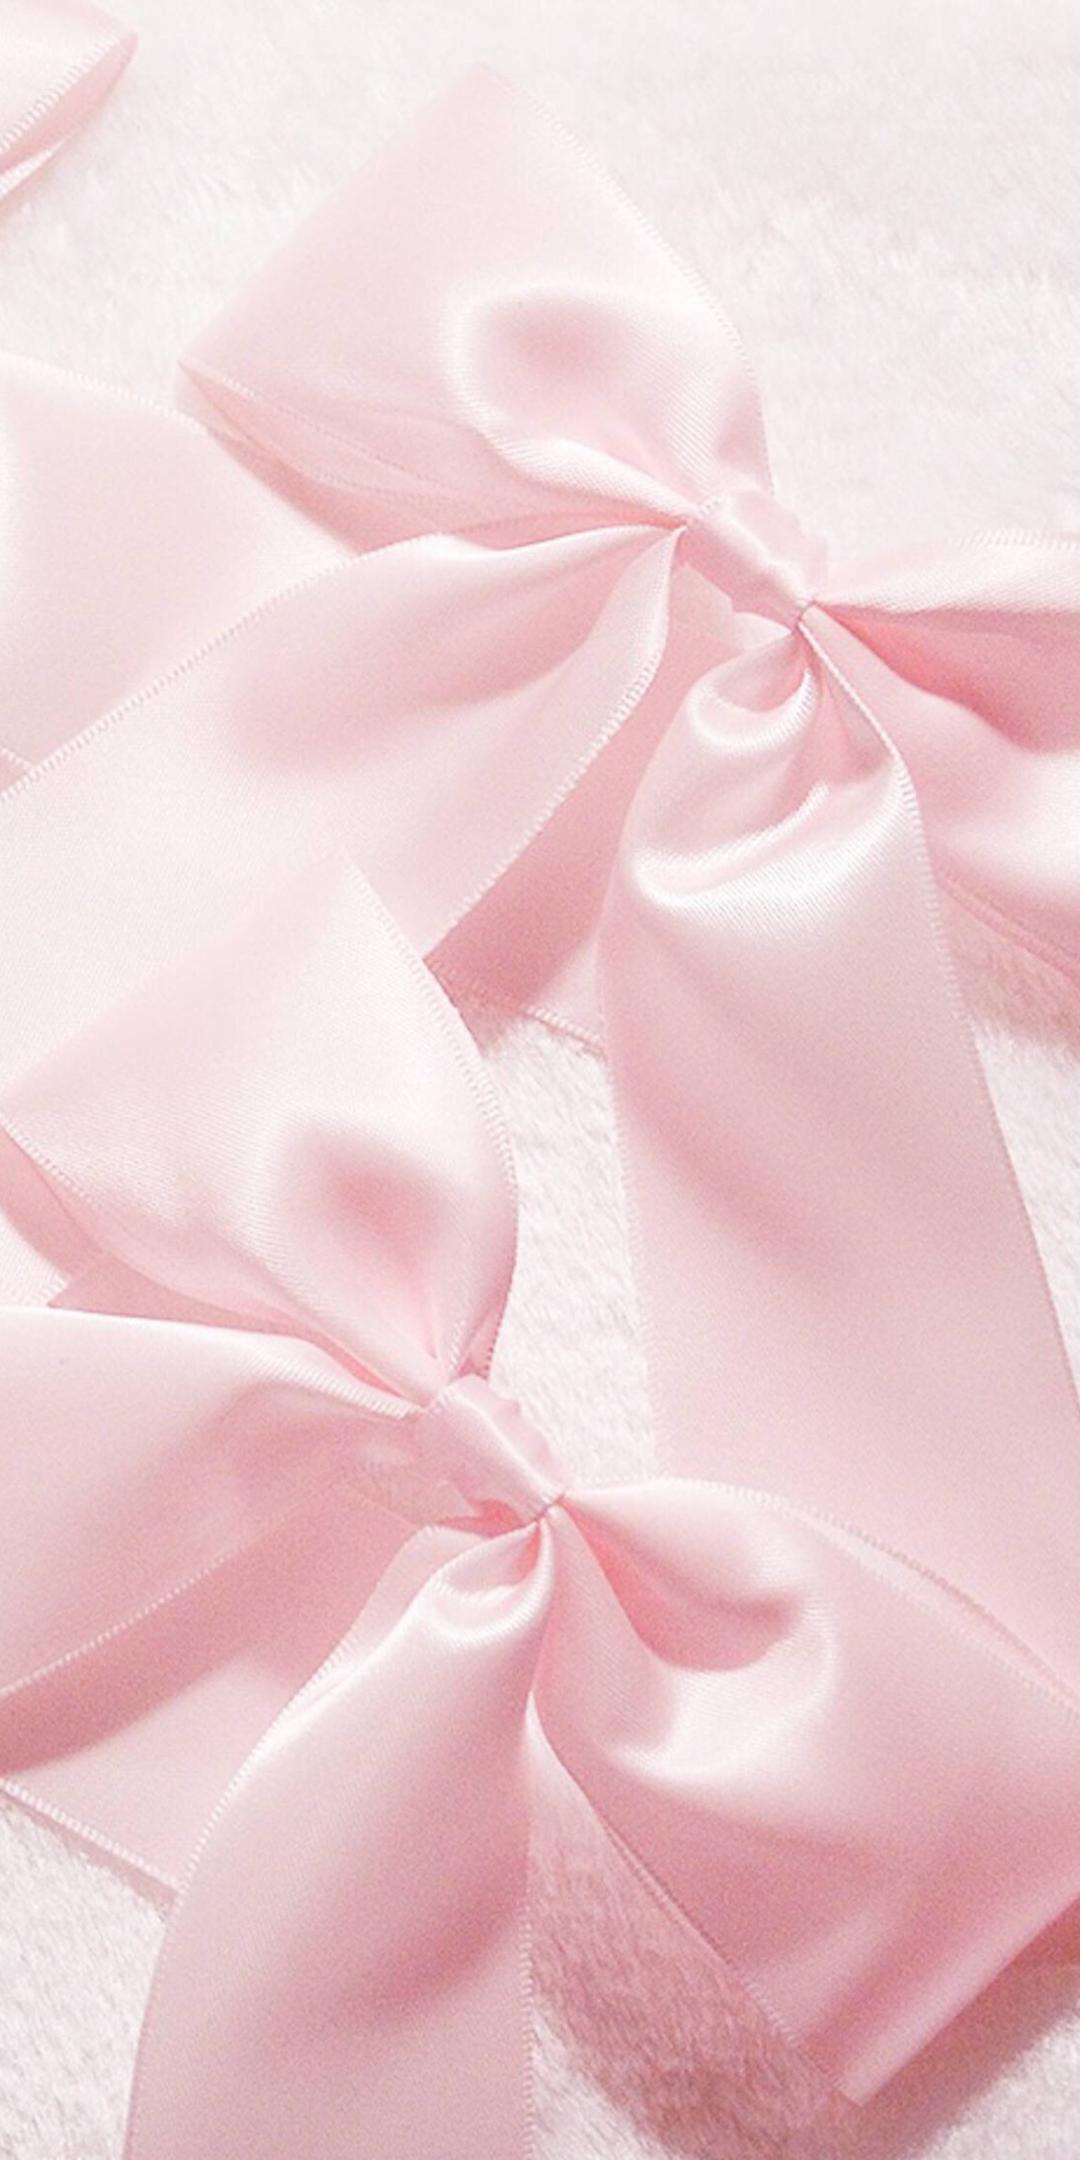 5e67b8a0d0c25 - 粉色系少女心手机壁纸